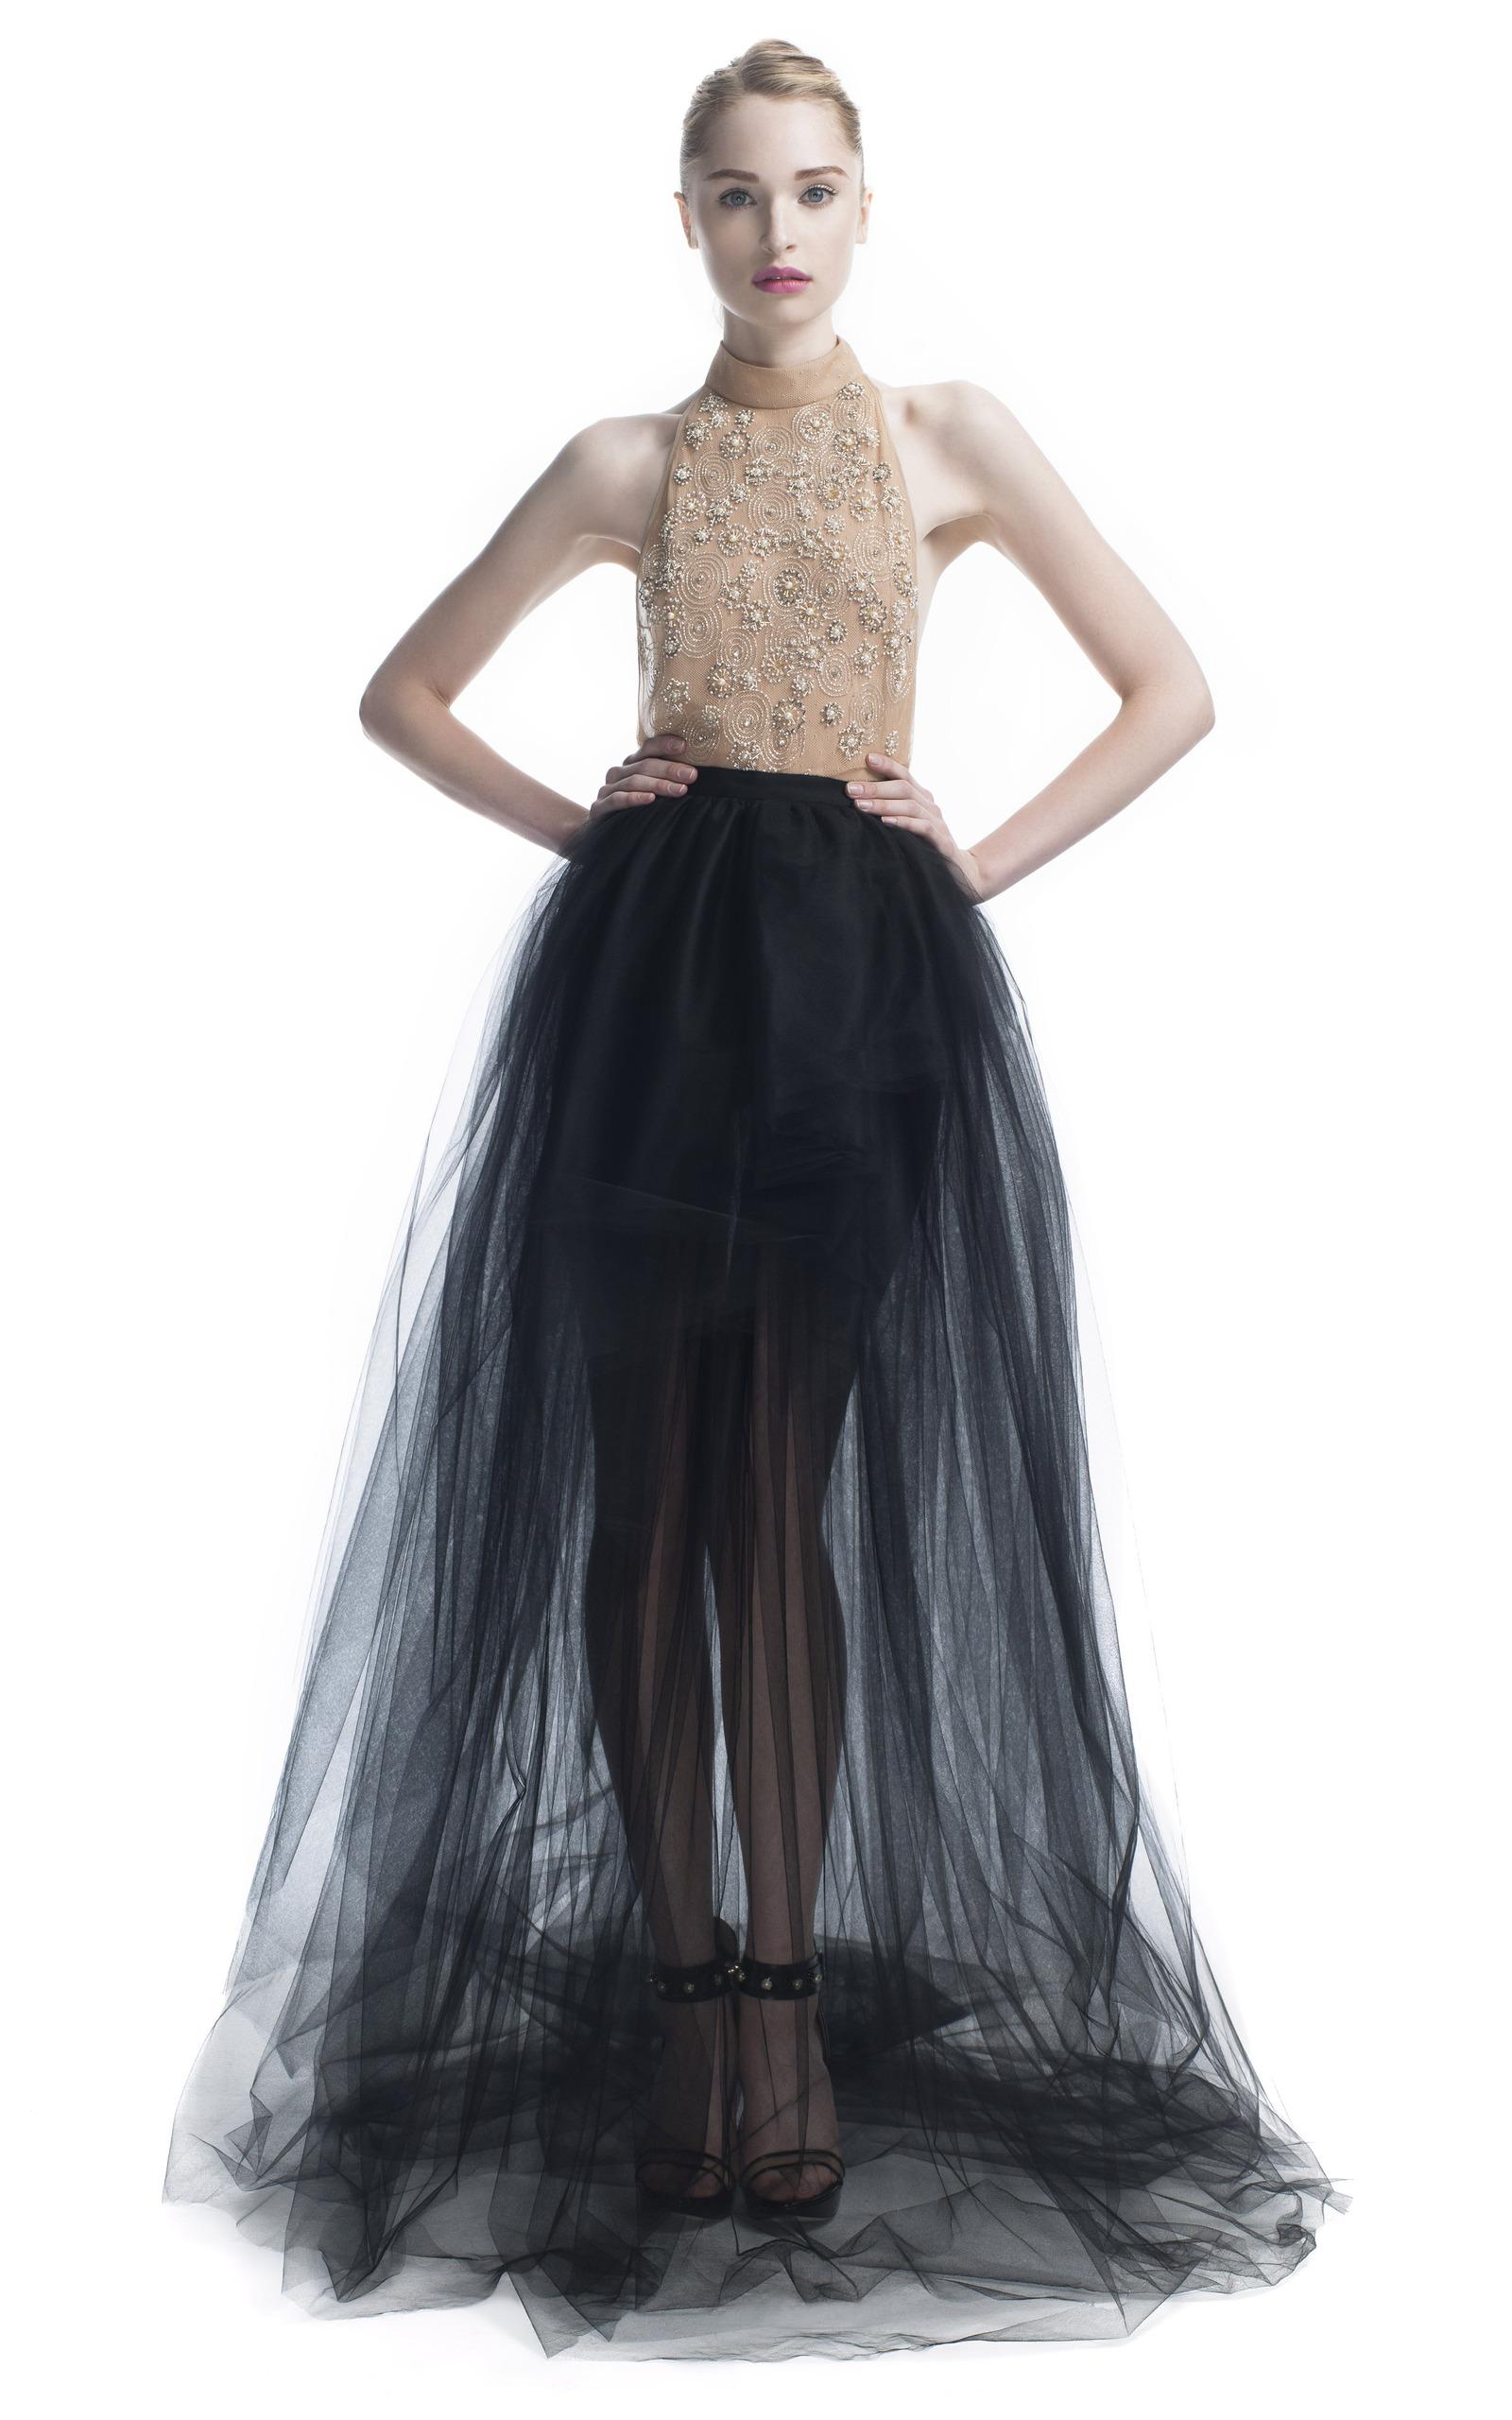 Tulle Skirt Beaded Halter Gown by Jason Wu | Moda Operandi